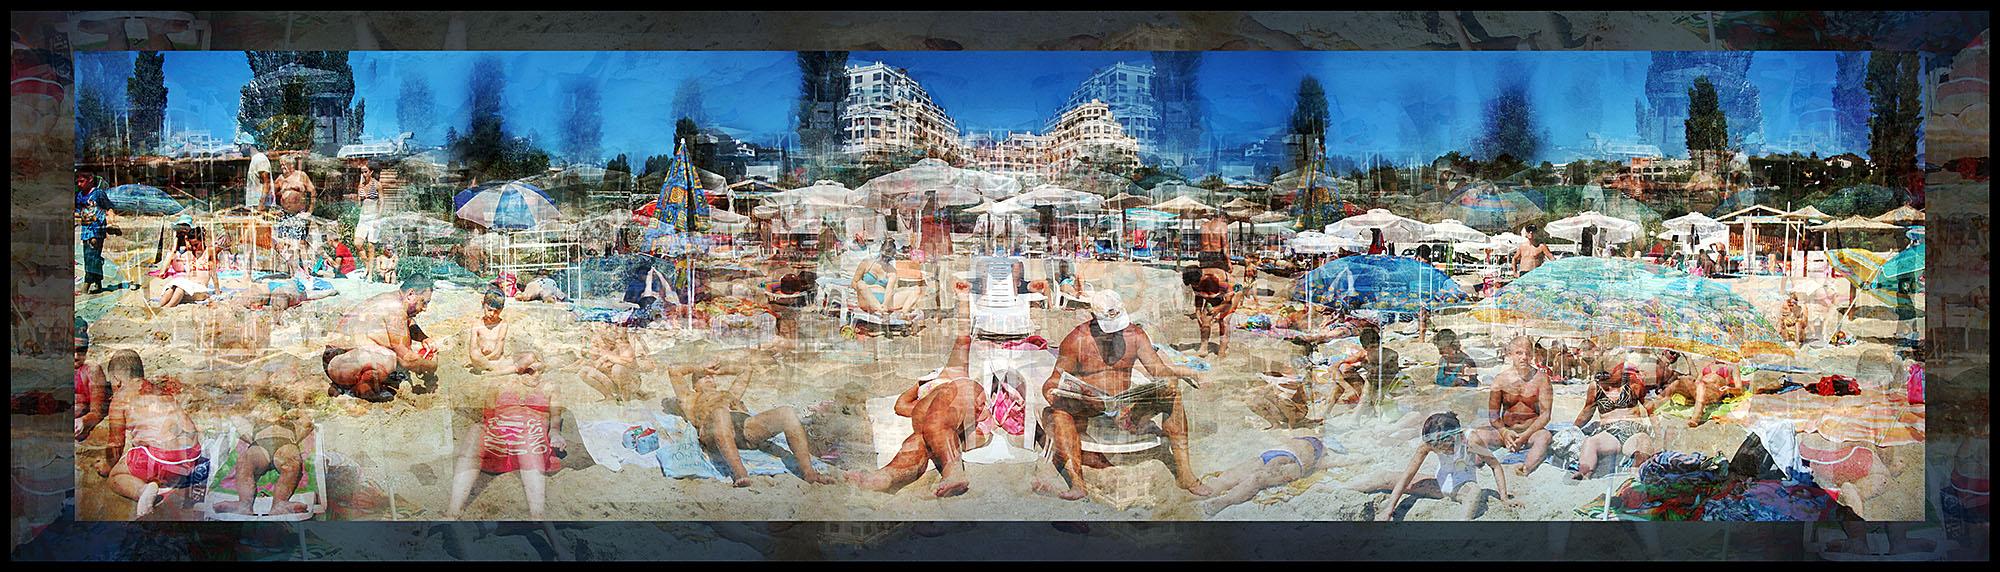 Bulgarian Beach 2006